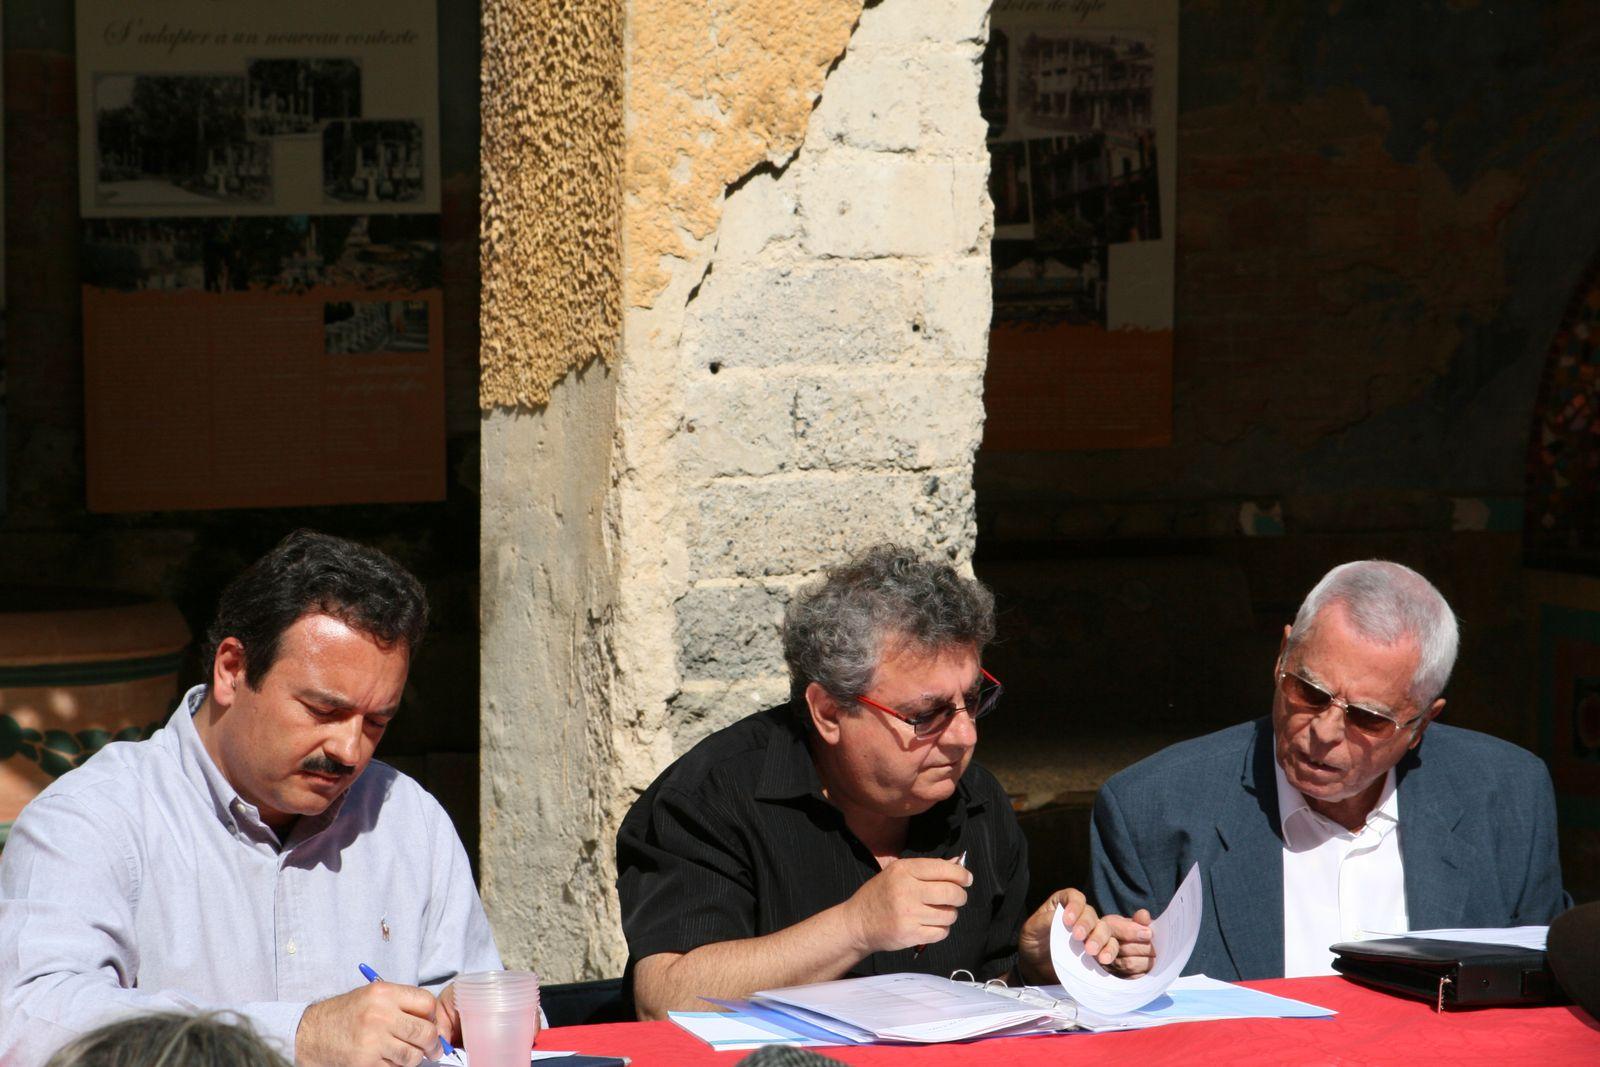 Assemblée Générale de Renaissance du Cercle Blasco Ibañez de Menton et dépôt de gerbe à l'occasion du 85ème Anniversaire de la disparition de l'écrivain.